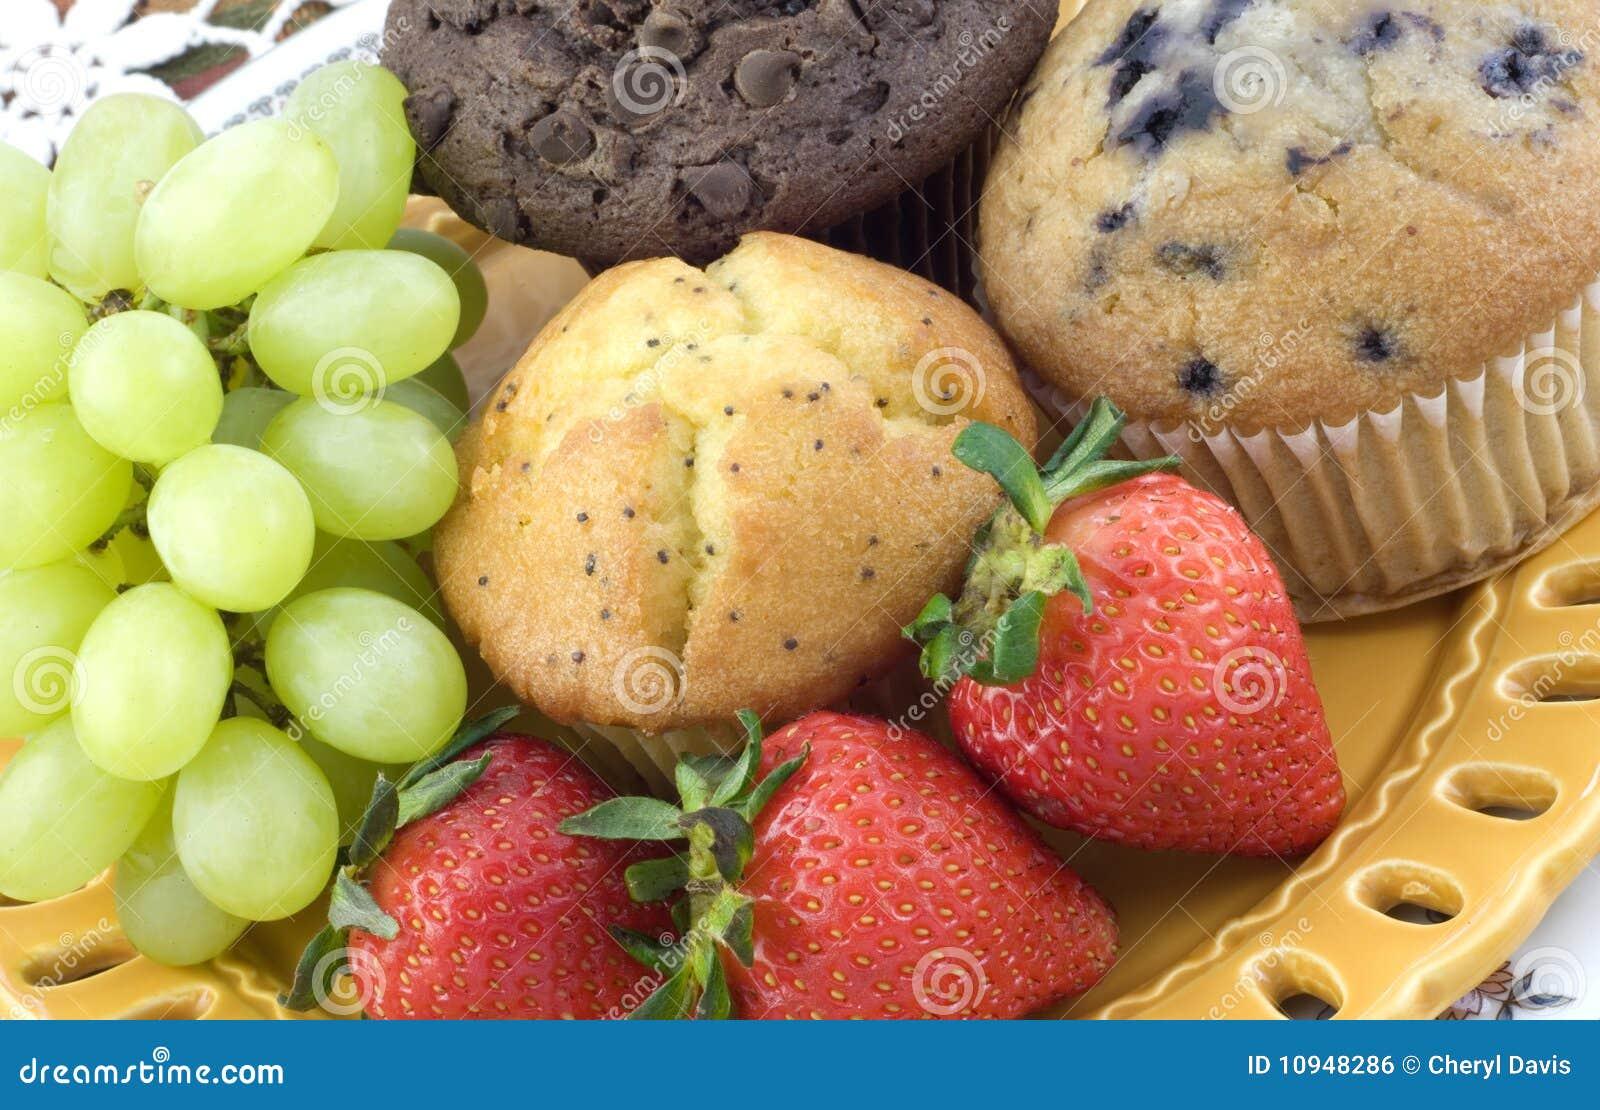 сортированные булочки свежих фруктов